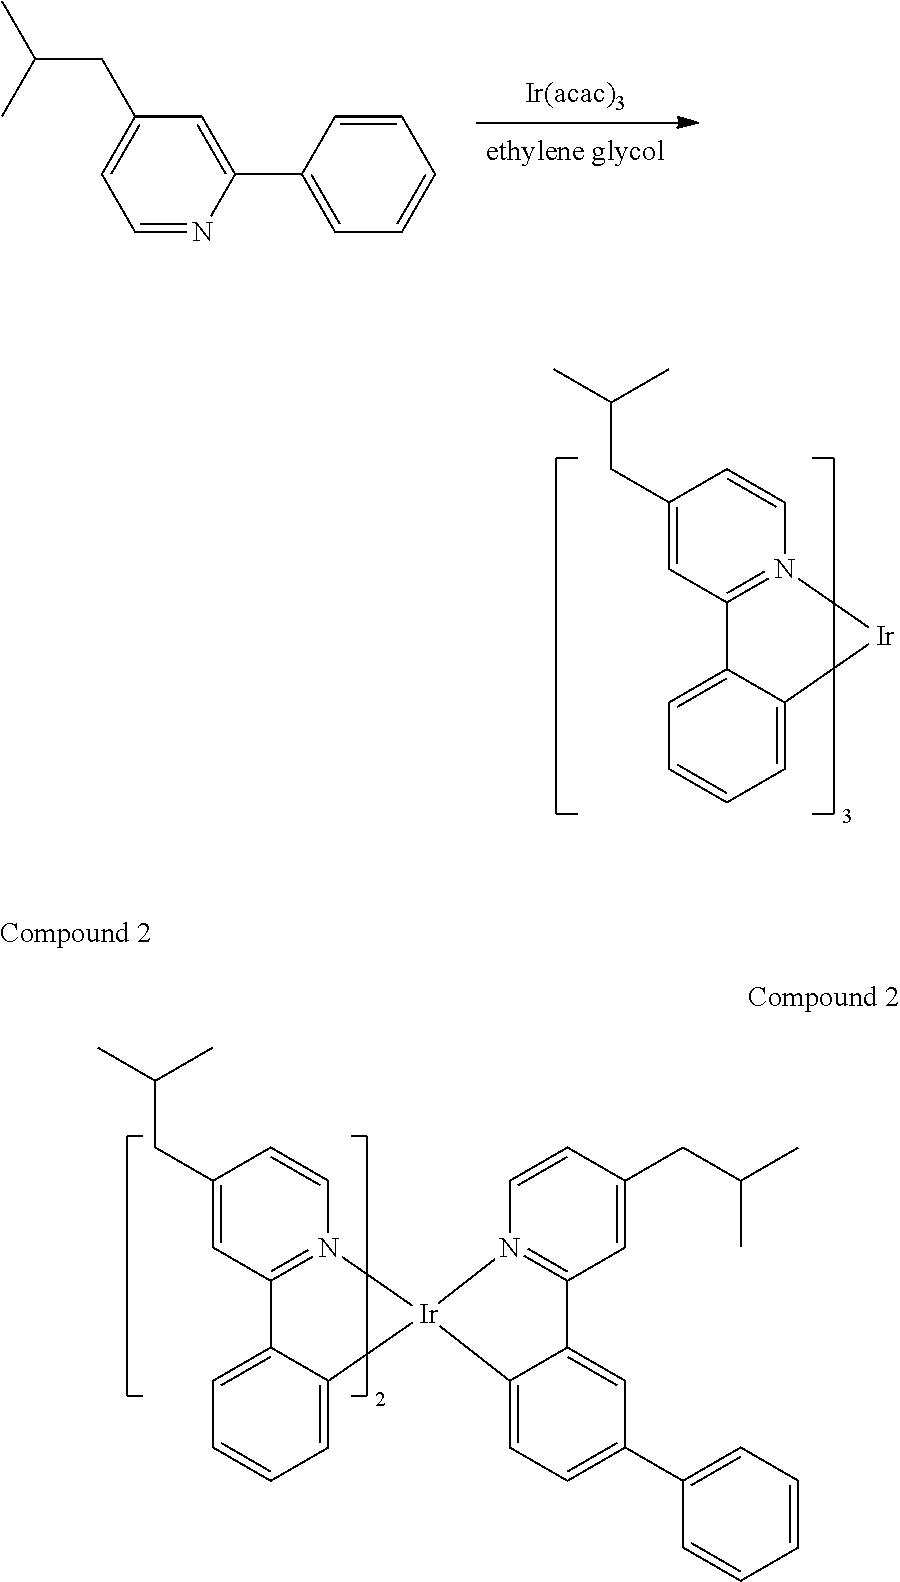 Figure US09899612-20180220-C00046